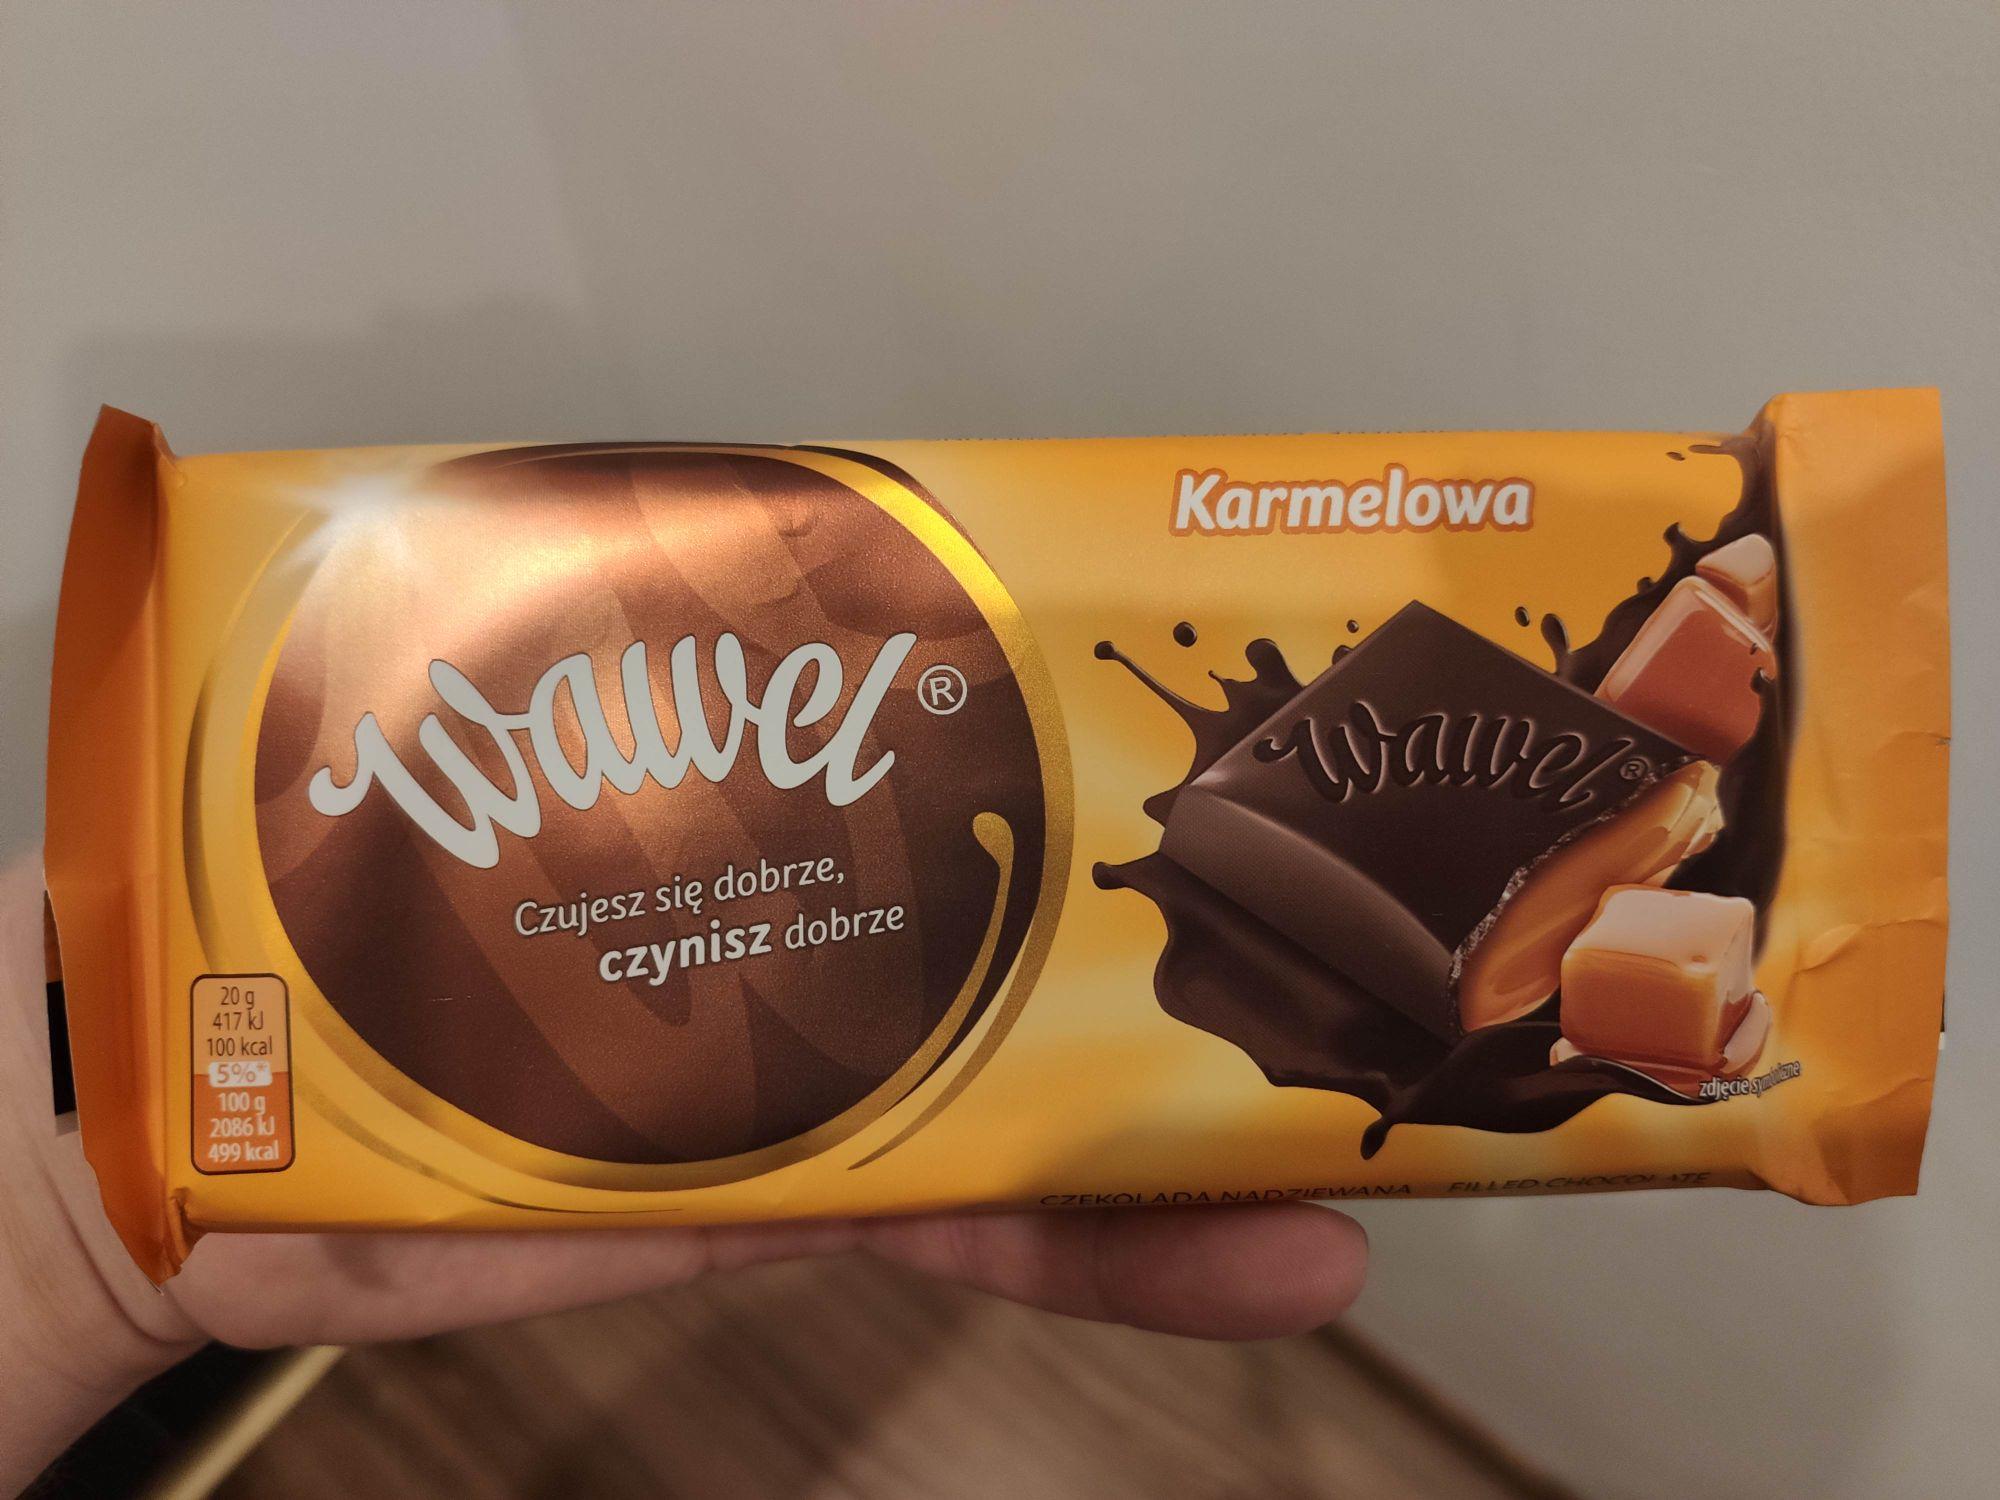 Czekolada Wawel Karmelowa 100g - Błąd Cenowy Tesco Extra (Hipermarket)